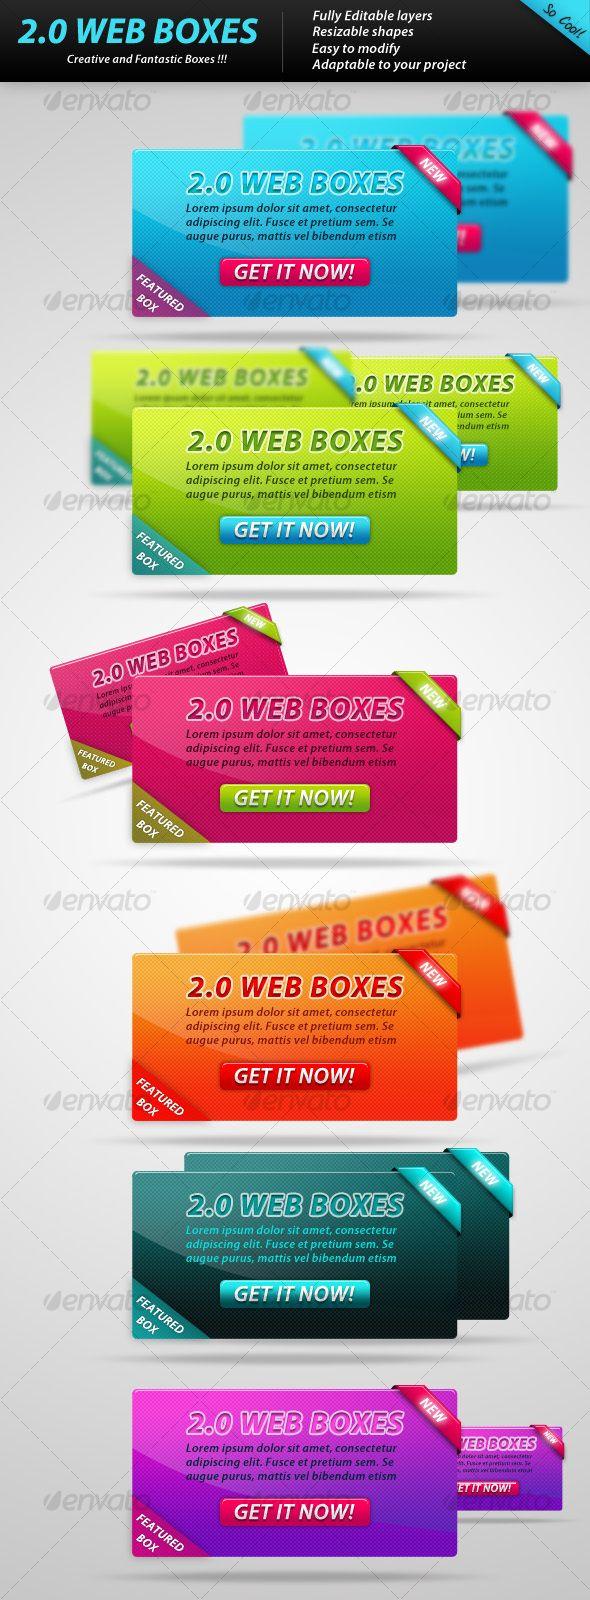 2.0 WEB BOXES